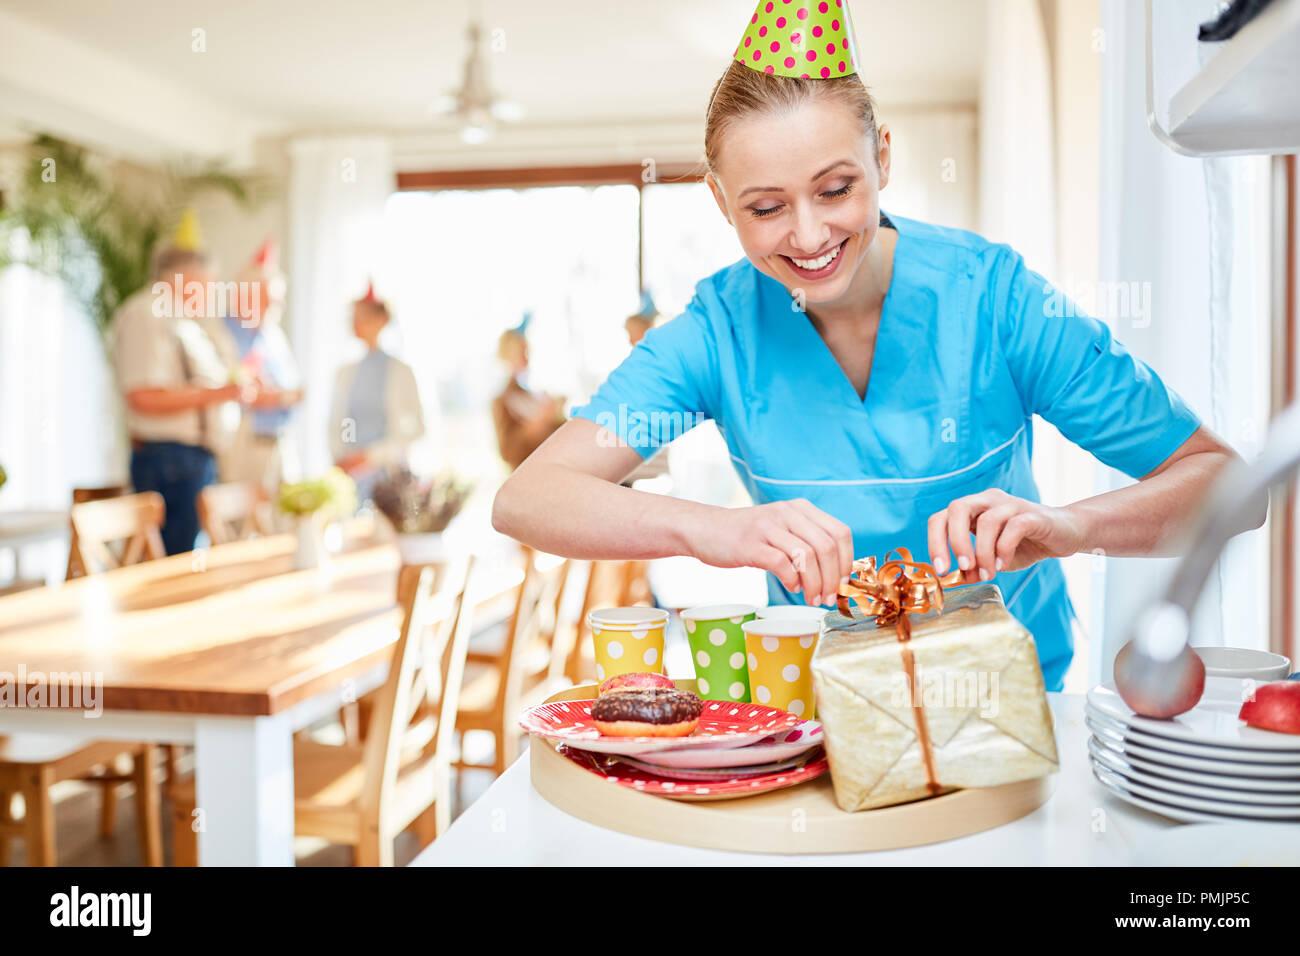 Cuidador sonriente packs presentes en una fiesta de cumpleaños en la casa de retiro Imagen De Stock